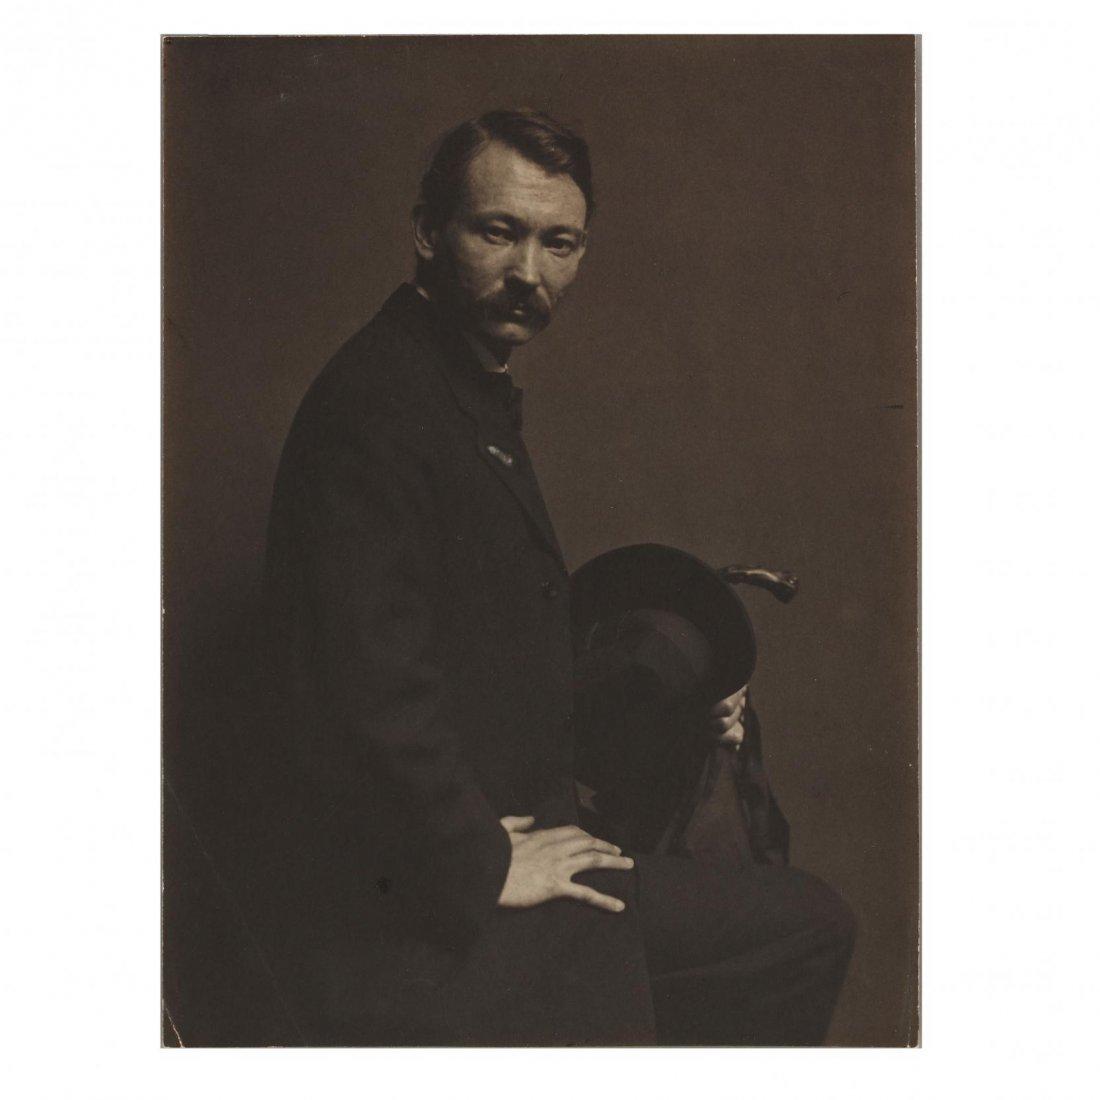 Gertrude S. Käsebier (1852-1934), Portrait of Robert